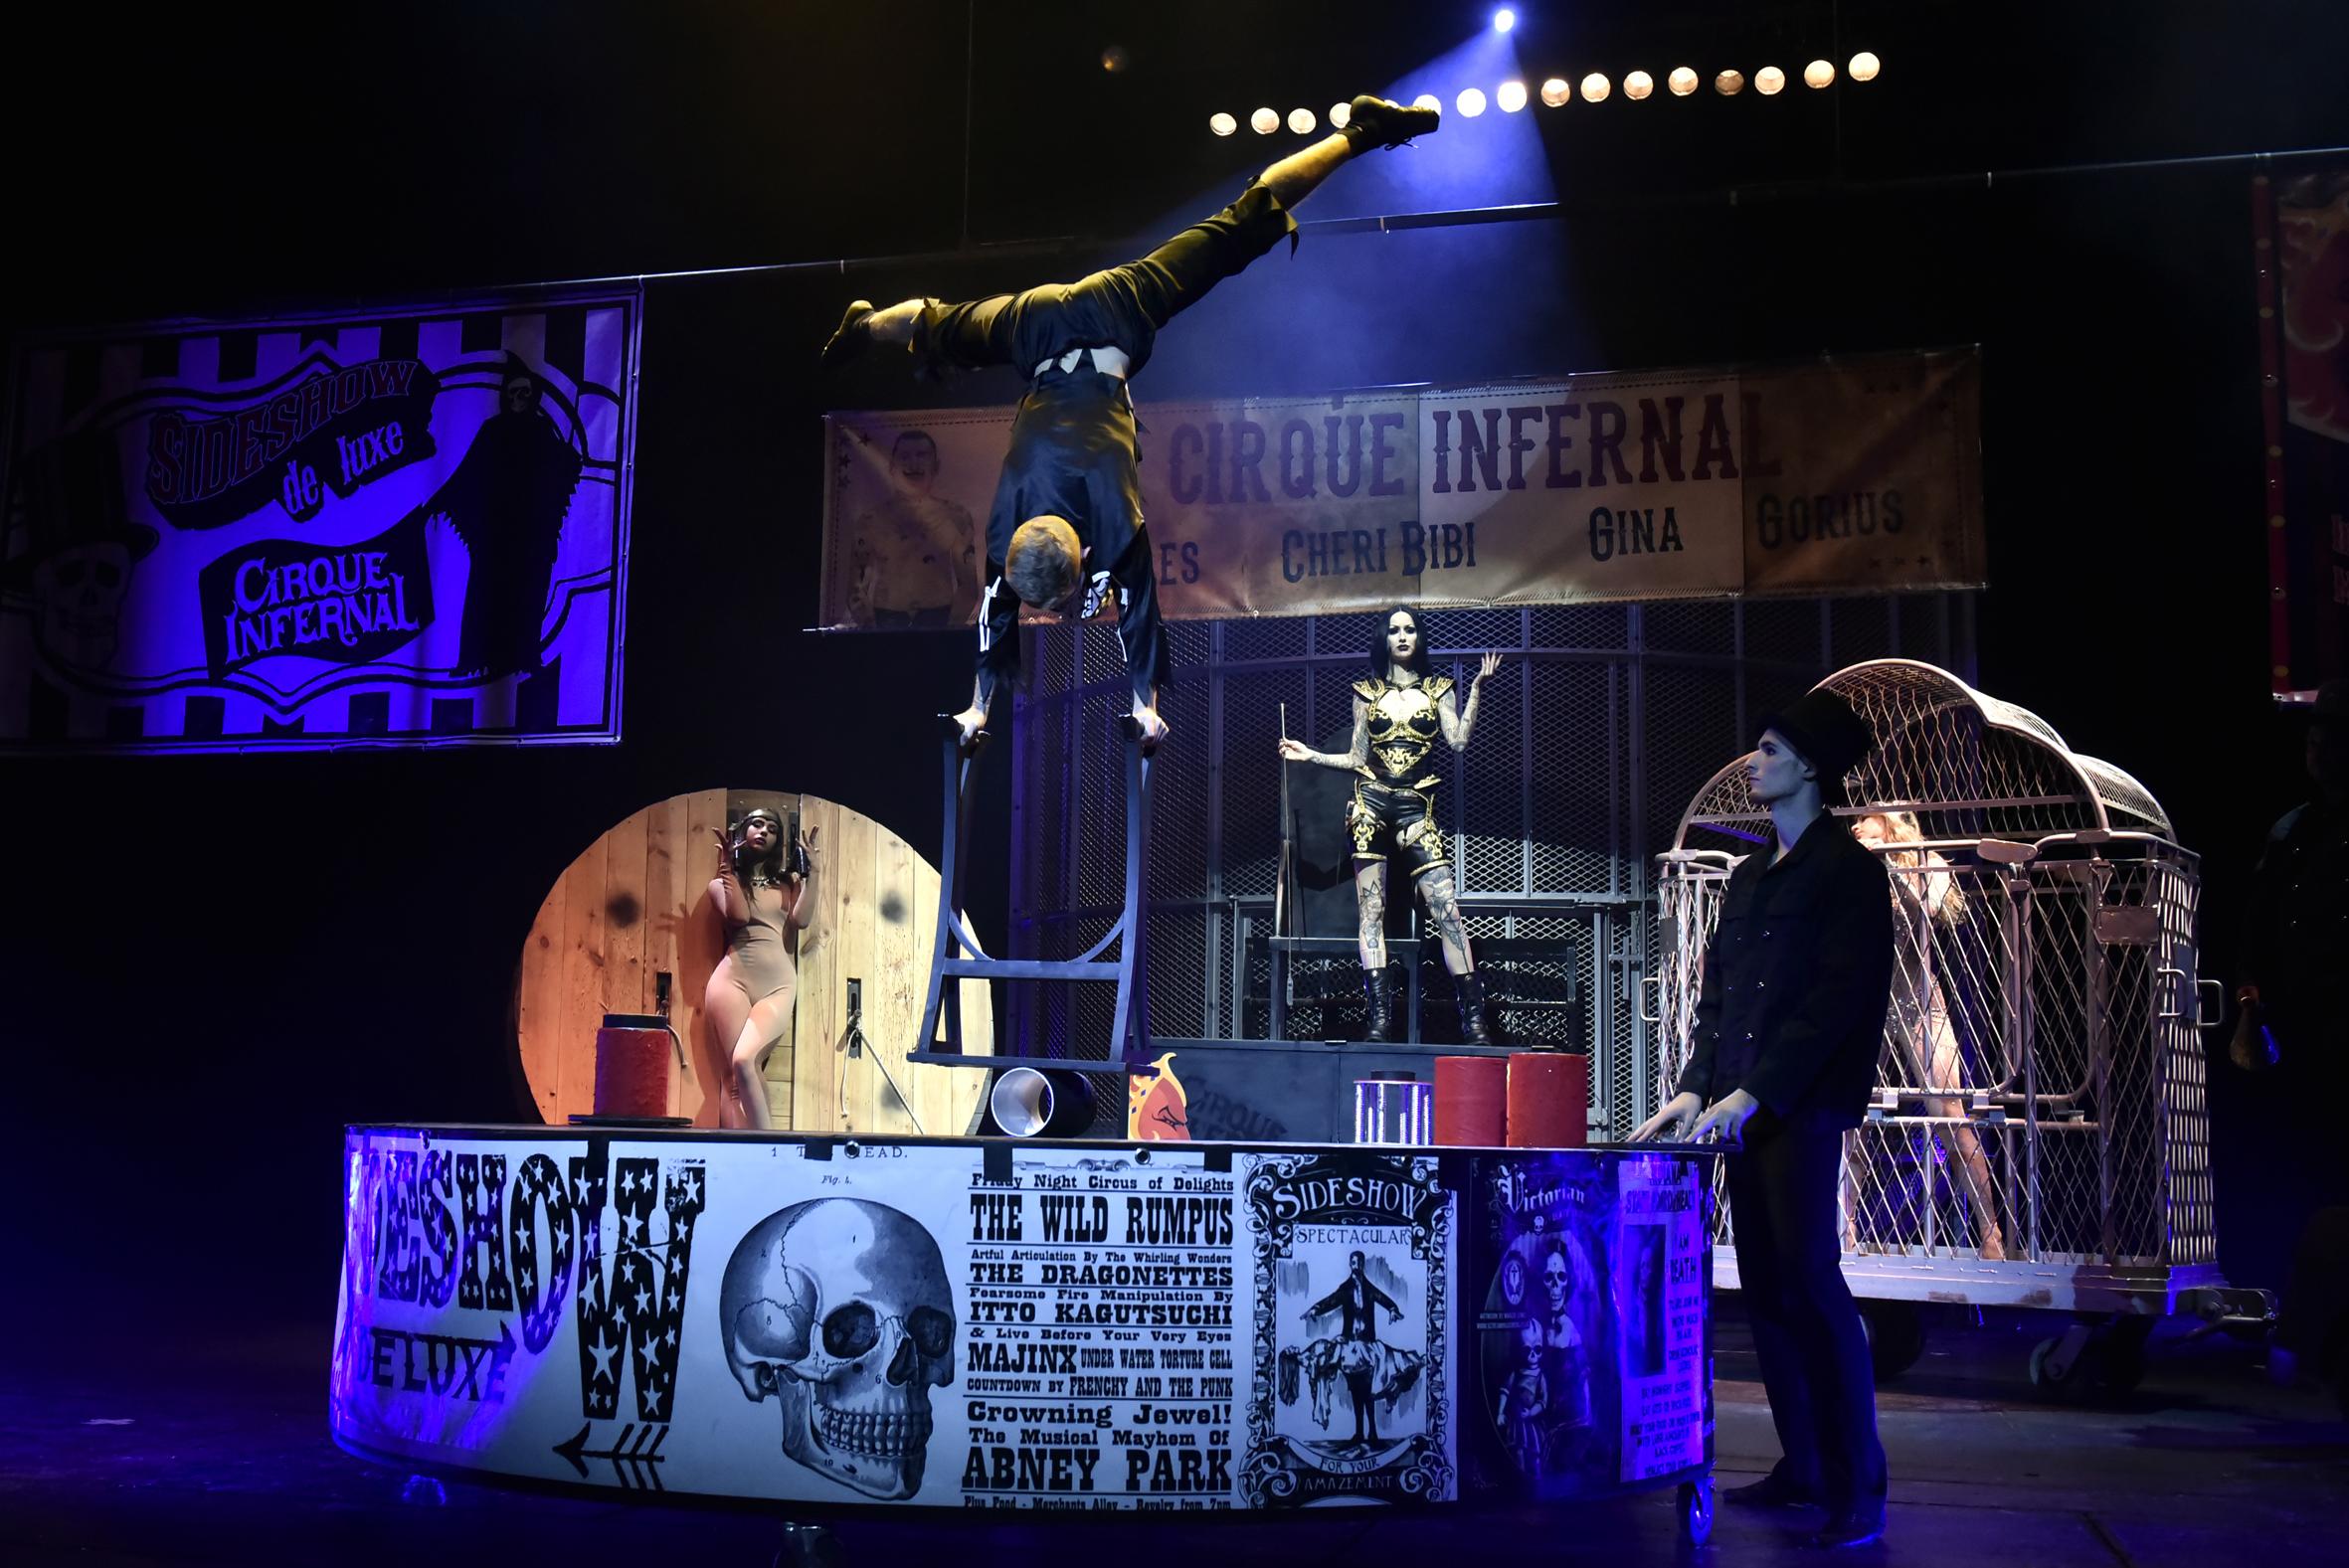 Cirque Infernal (126)